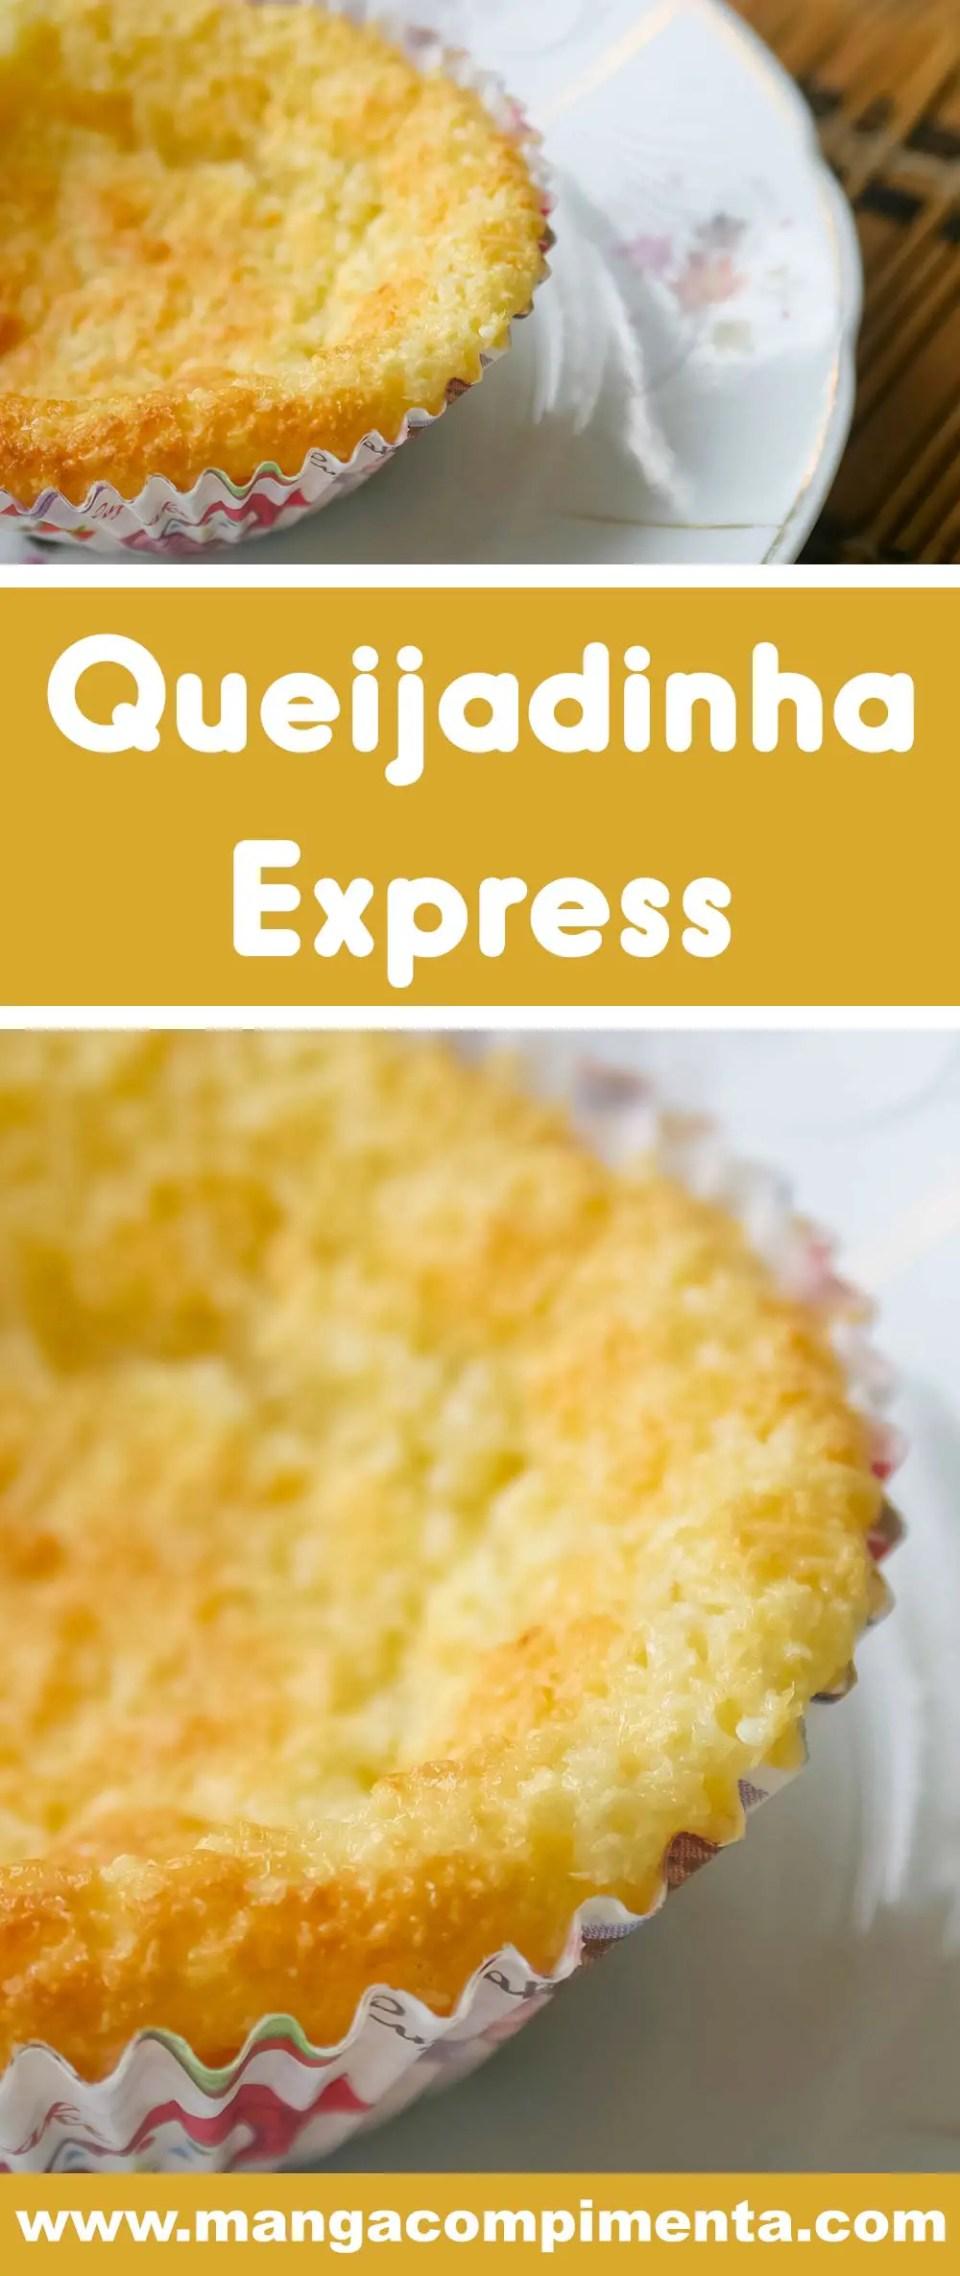 QueijadinhaExpress - um docinho delicioso para o final da tarde!